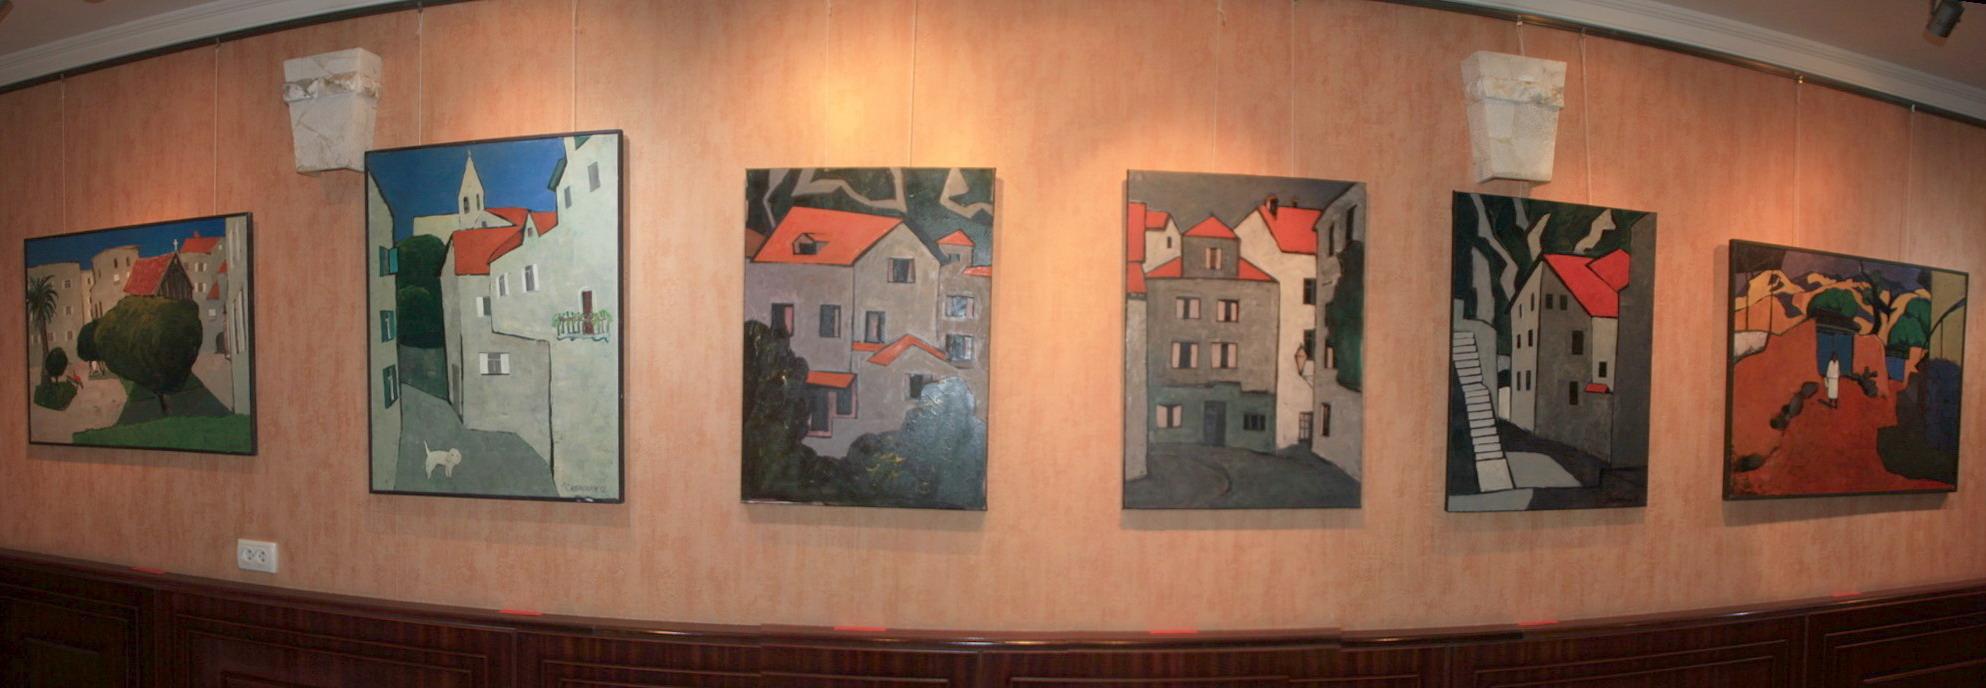 И.Валиходжаев. Экспозиция картин с сюжетами Черногории. 2012